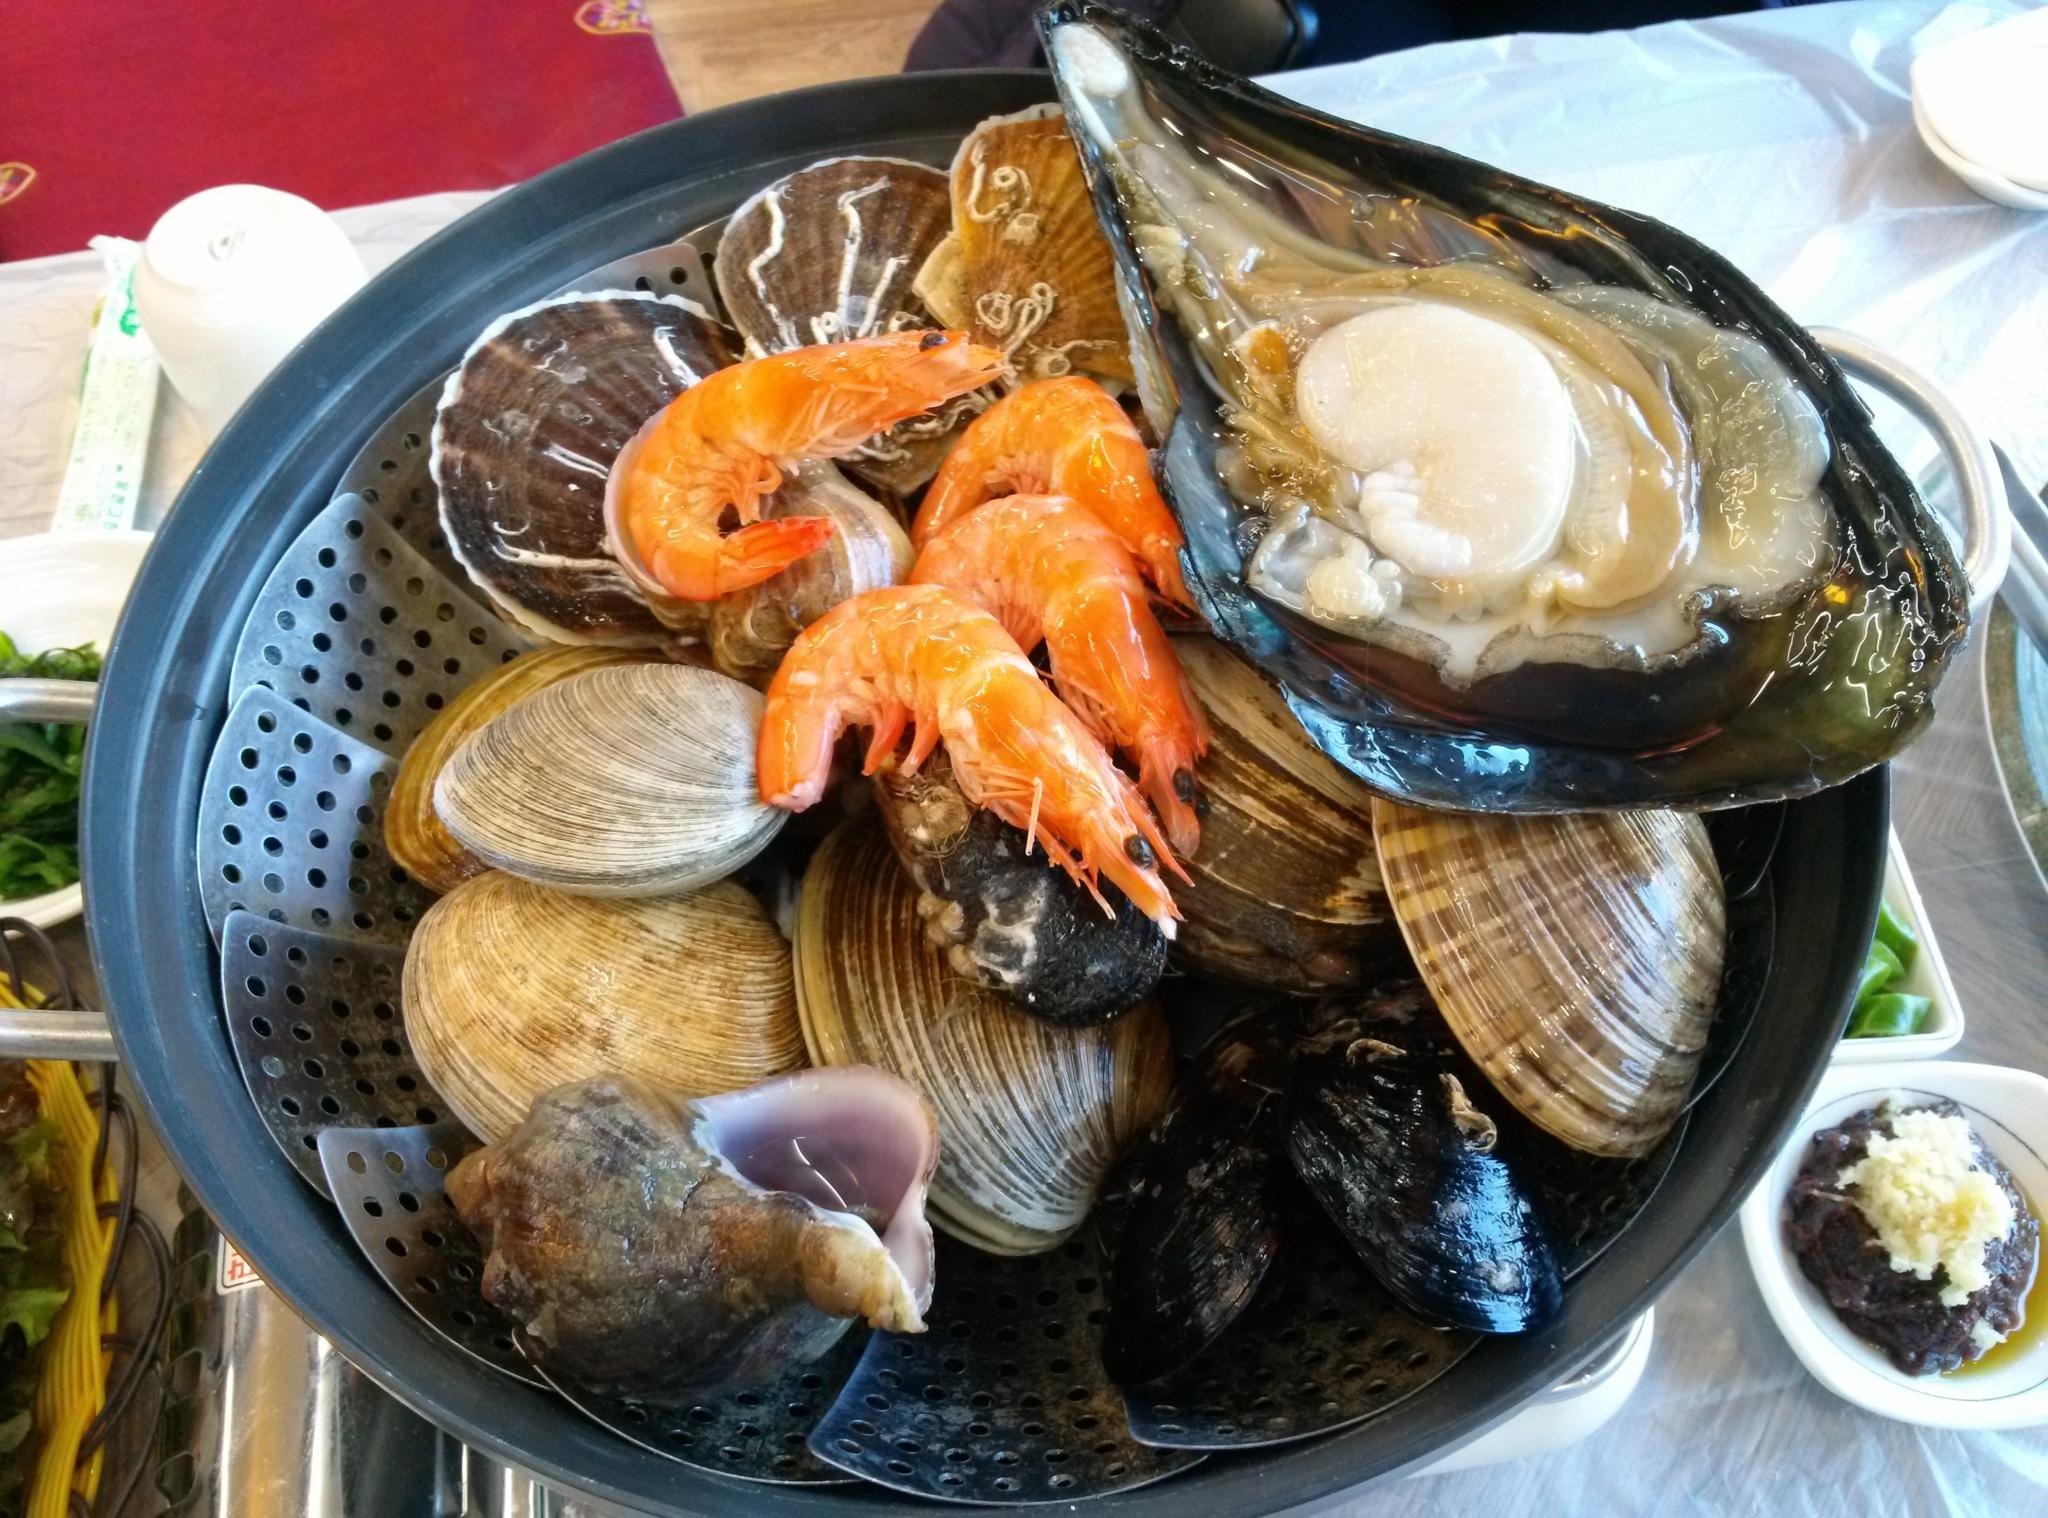 Matosinhos da variedade gastronómica